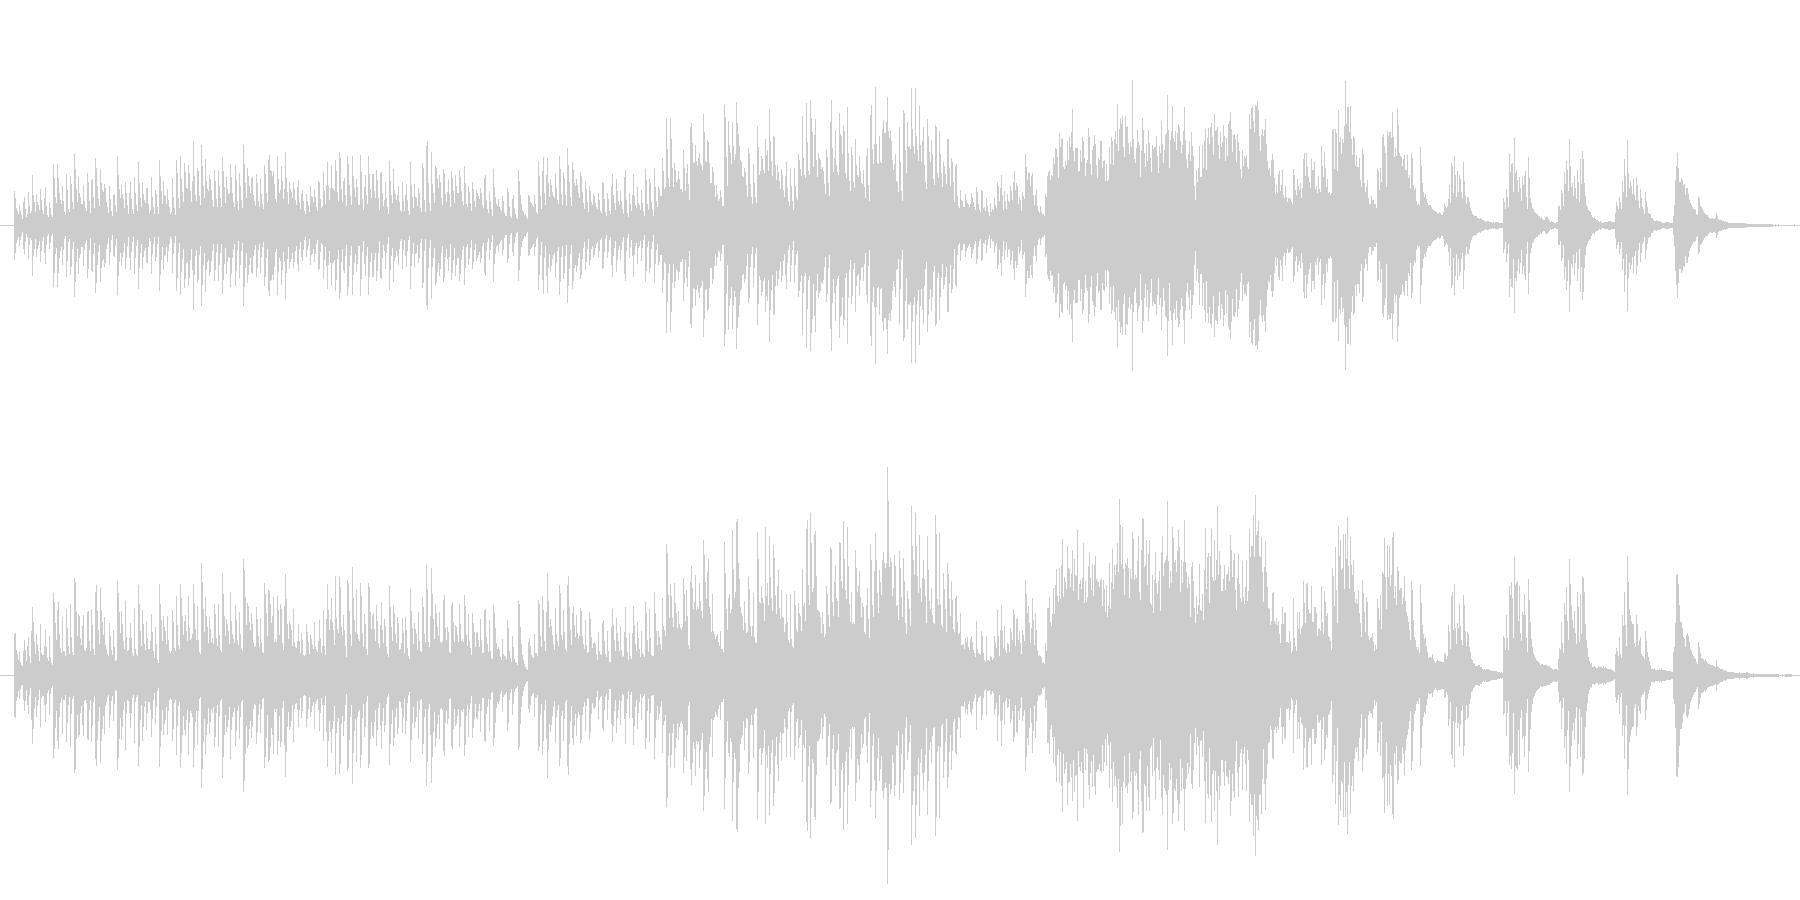 和風 桜 吹雪ナイアガラ ■ ピアノソロの未再生の波形